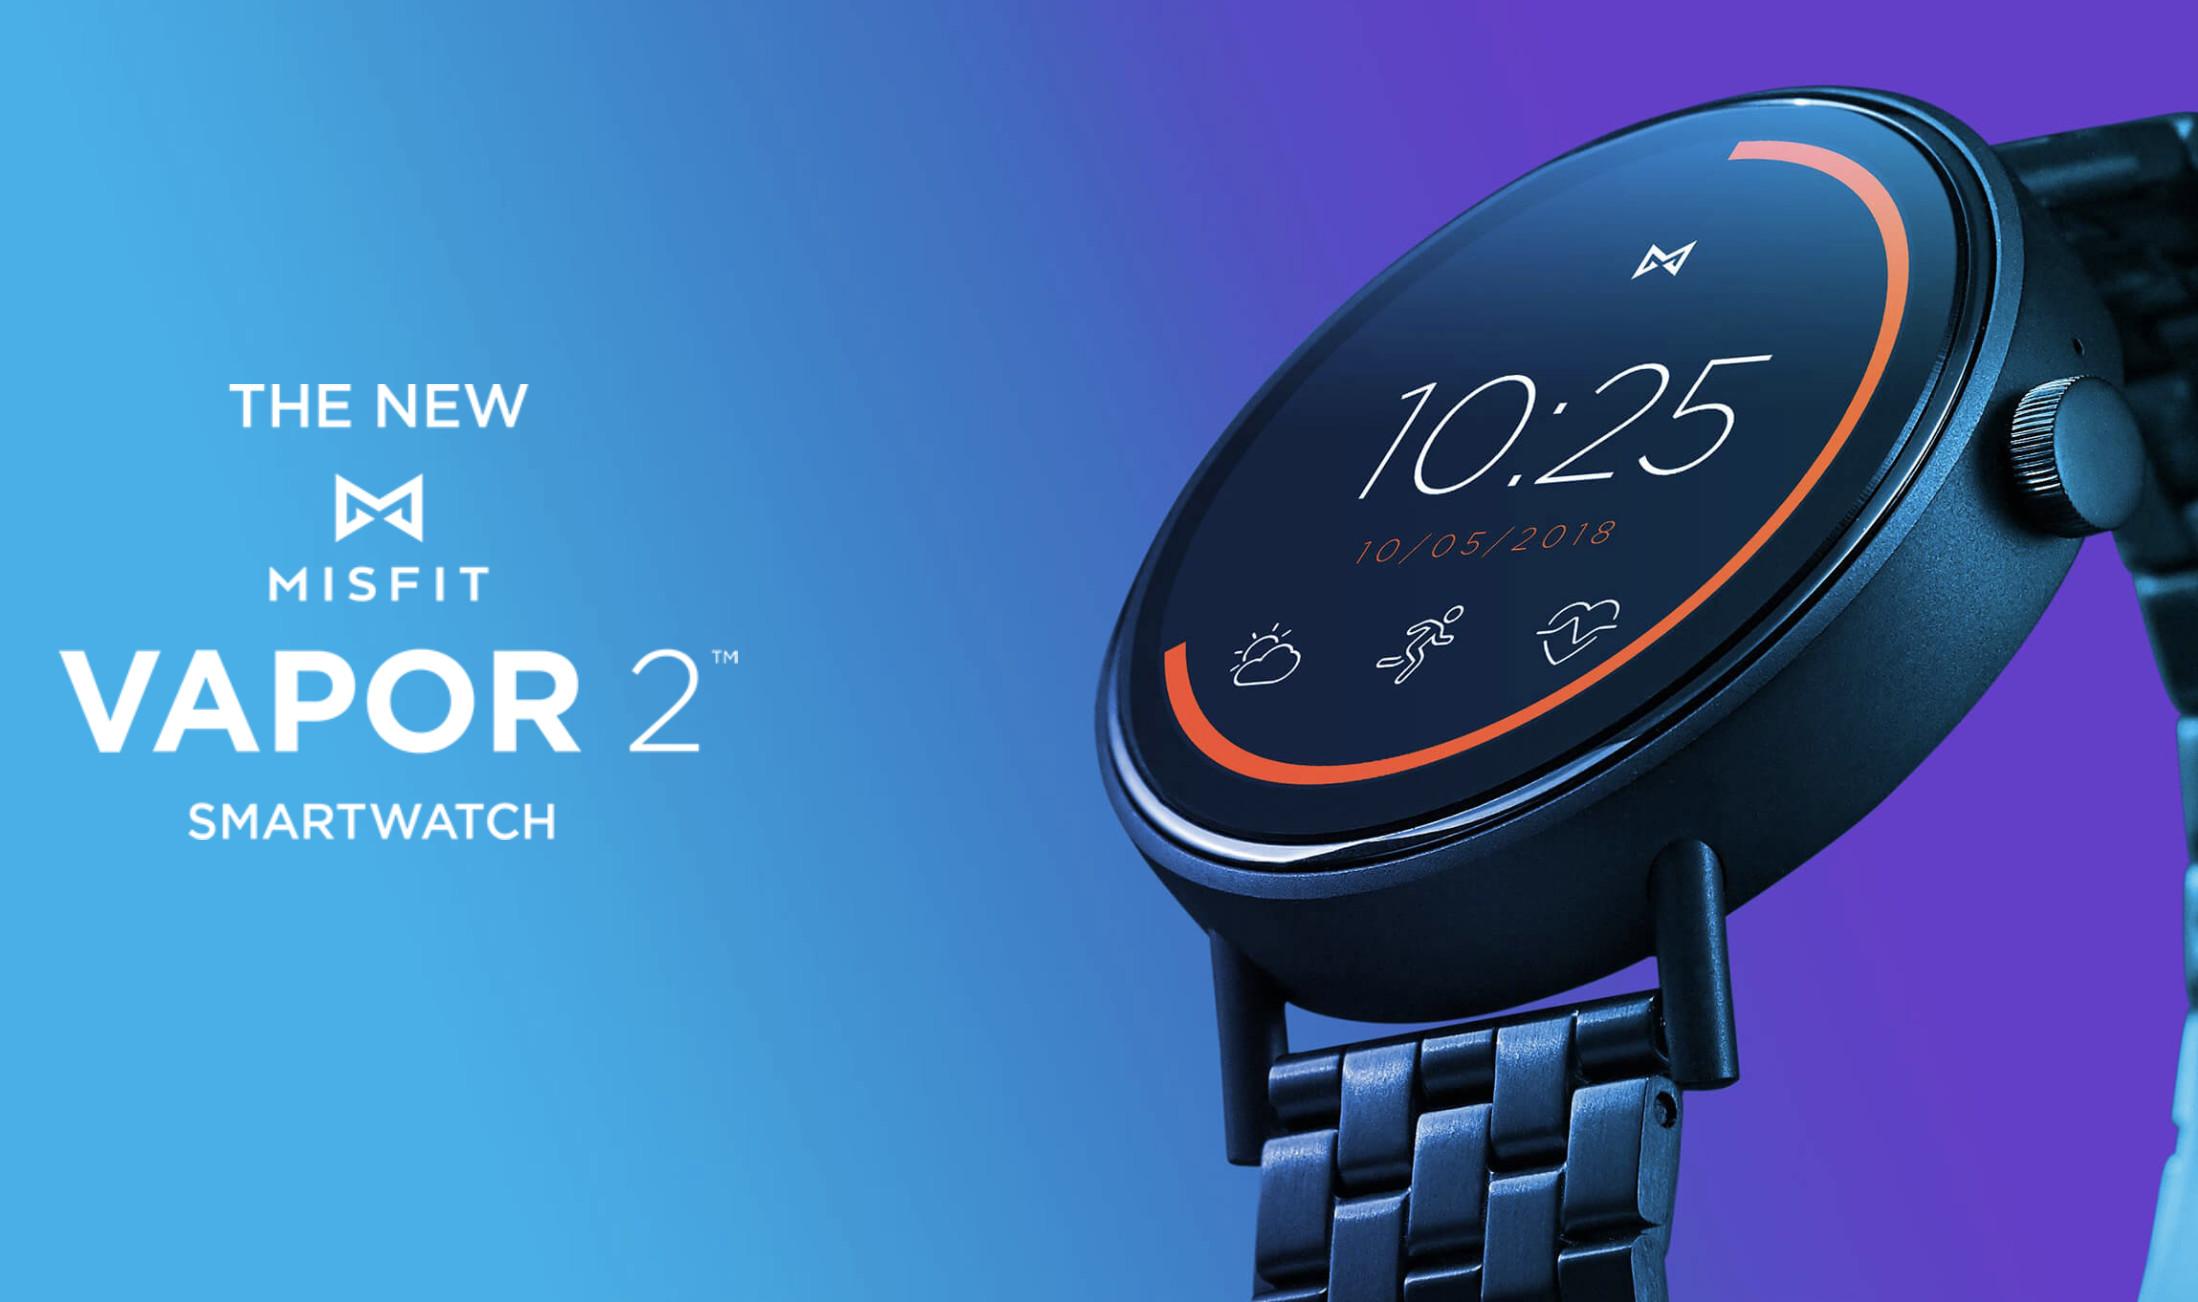 Misfit announces Vapor 2 smartwatch running Wear OS